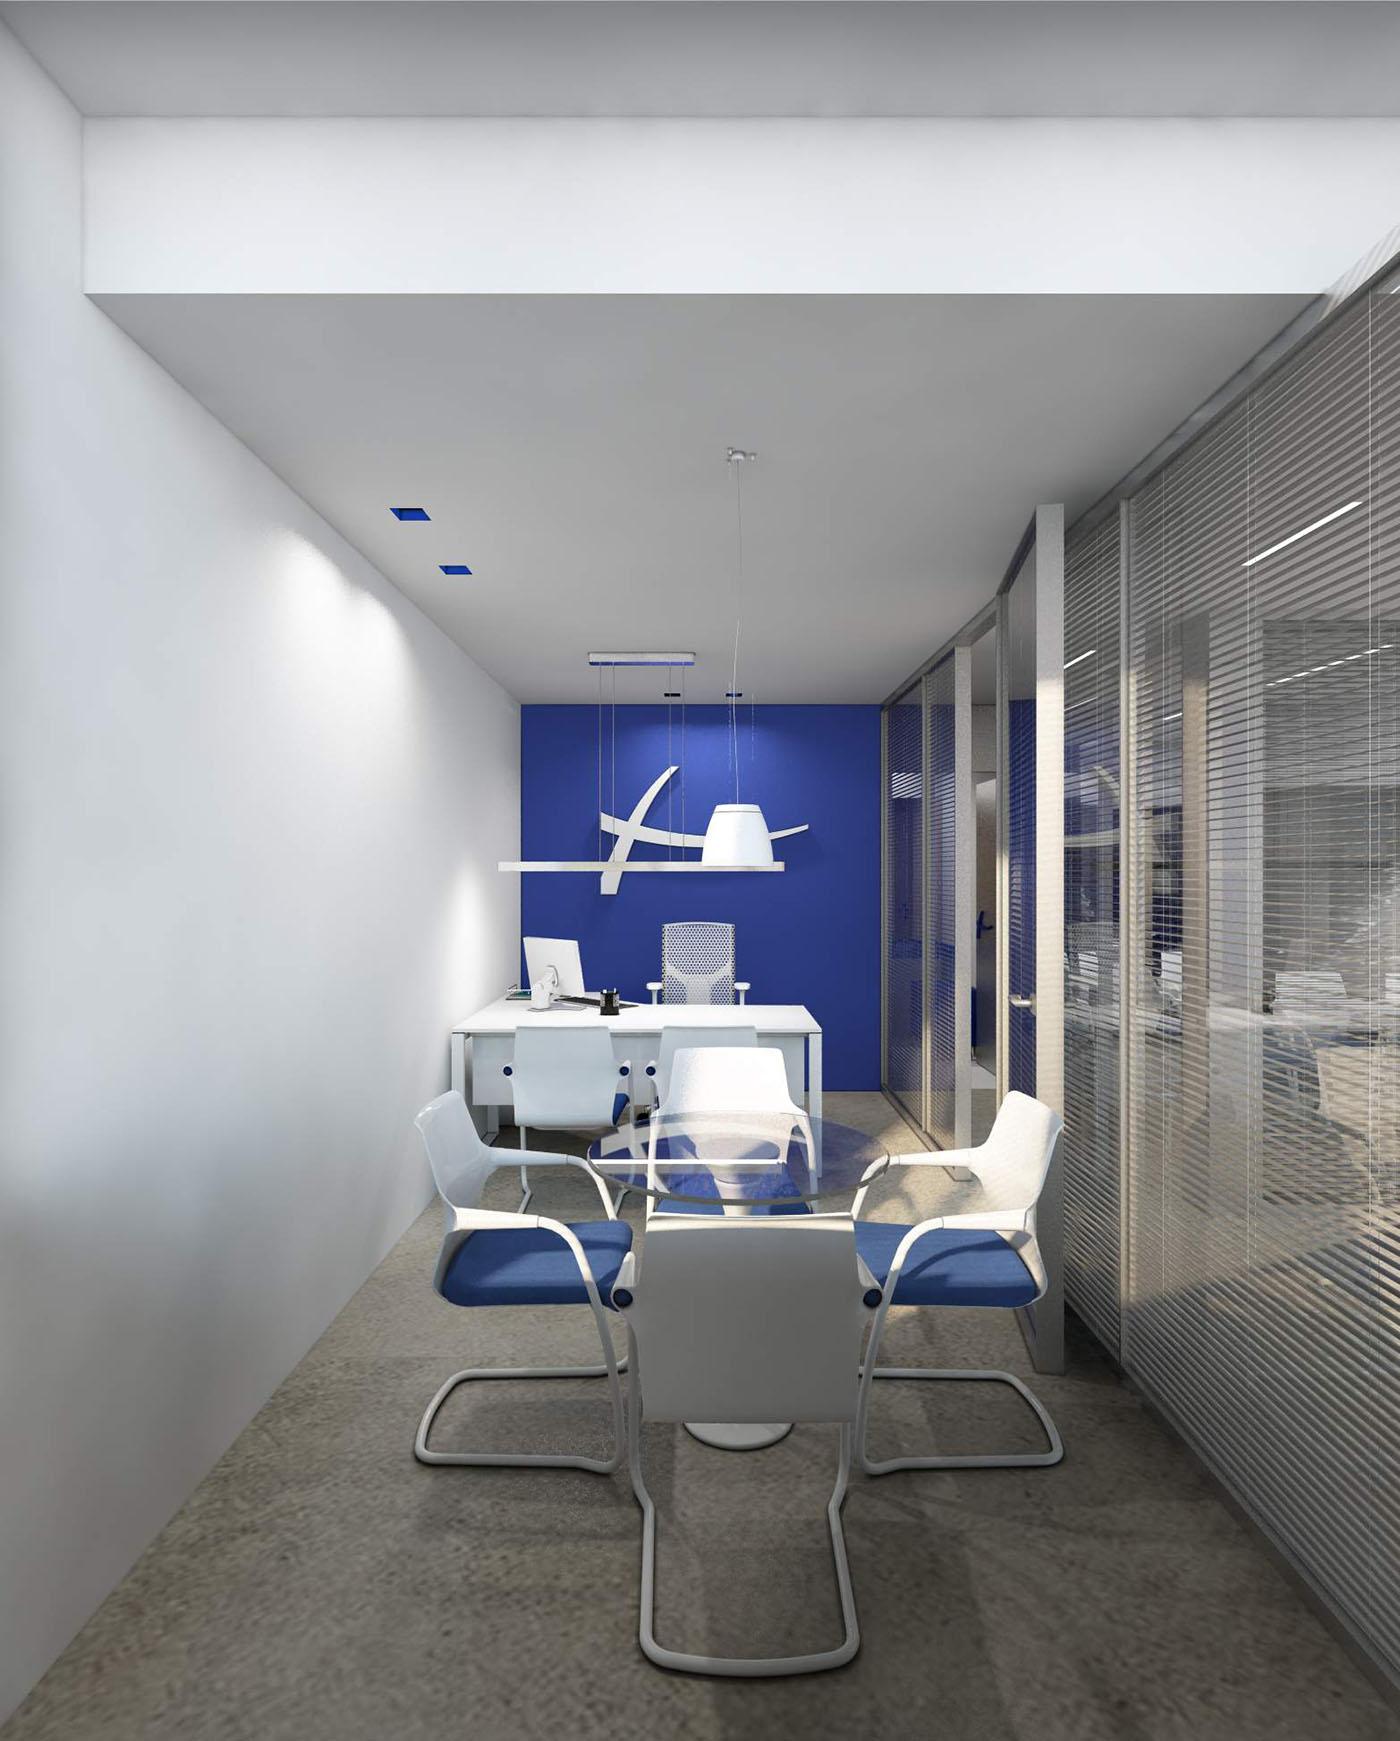 Interiorismo de oficinas localcad imagen for Interiorismo oficinas